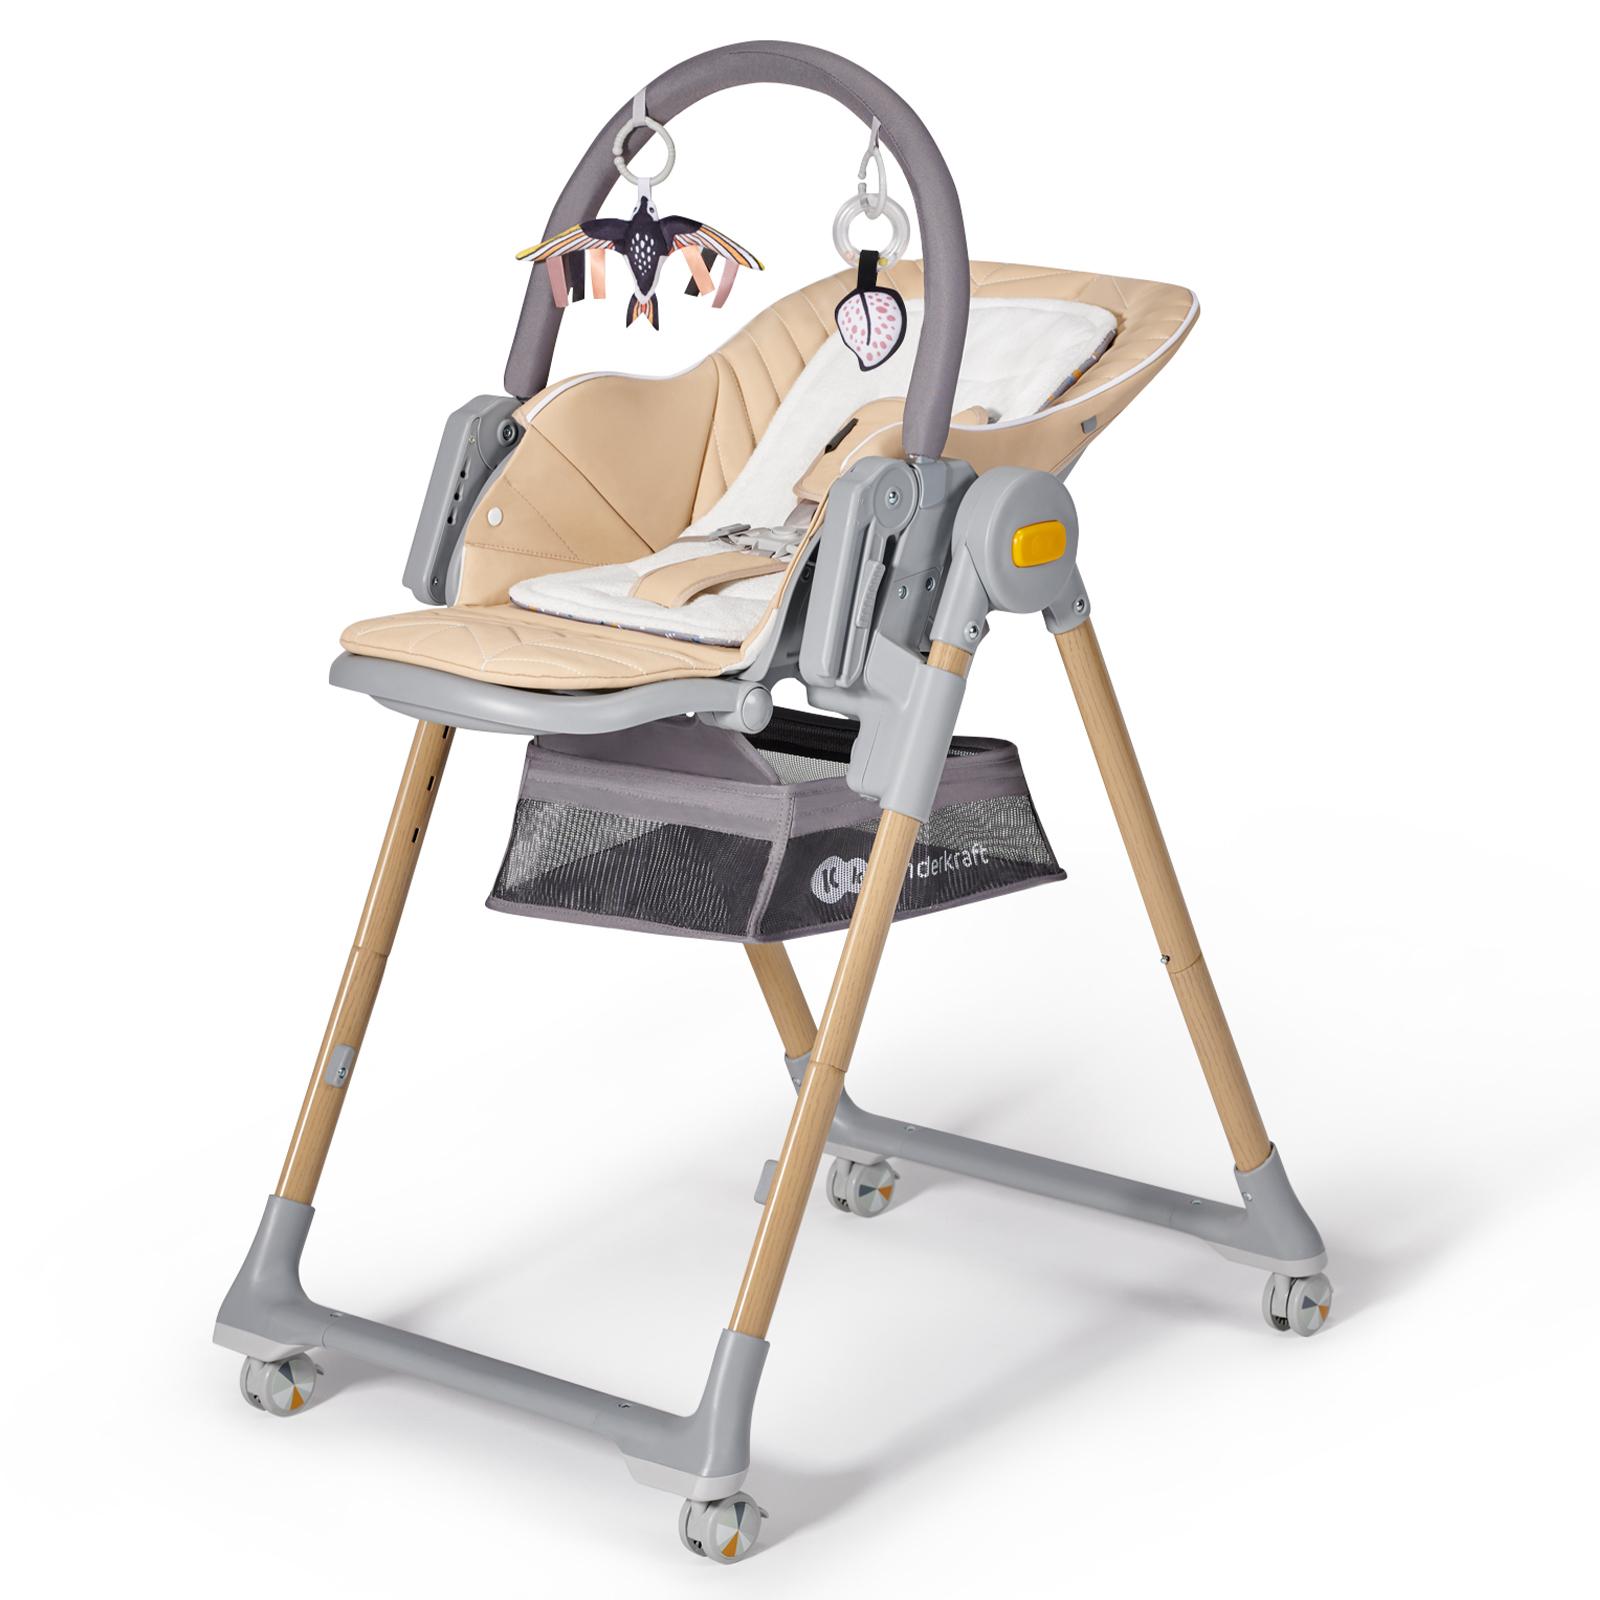 Стульчик для кормления Kinderkraft Lastree Wood с рождения